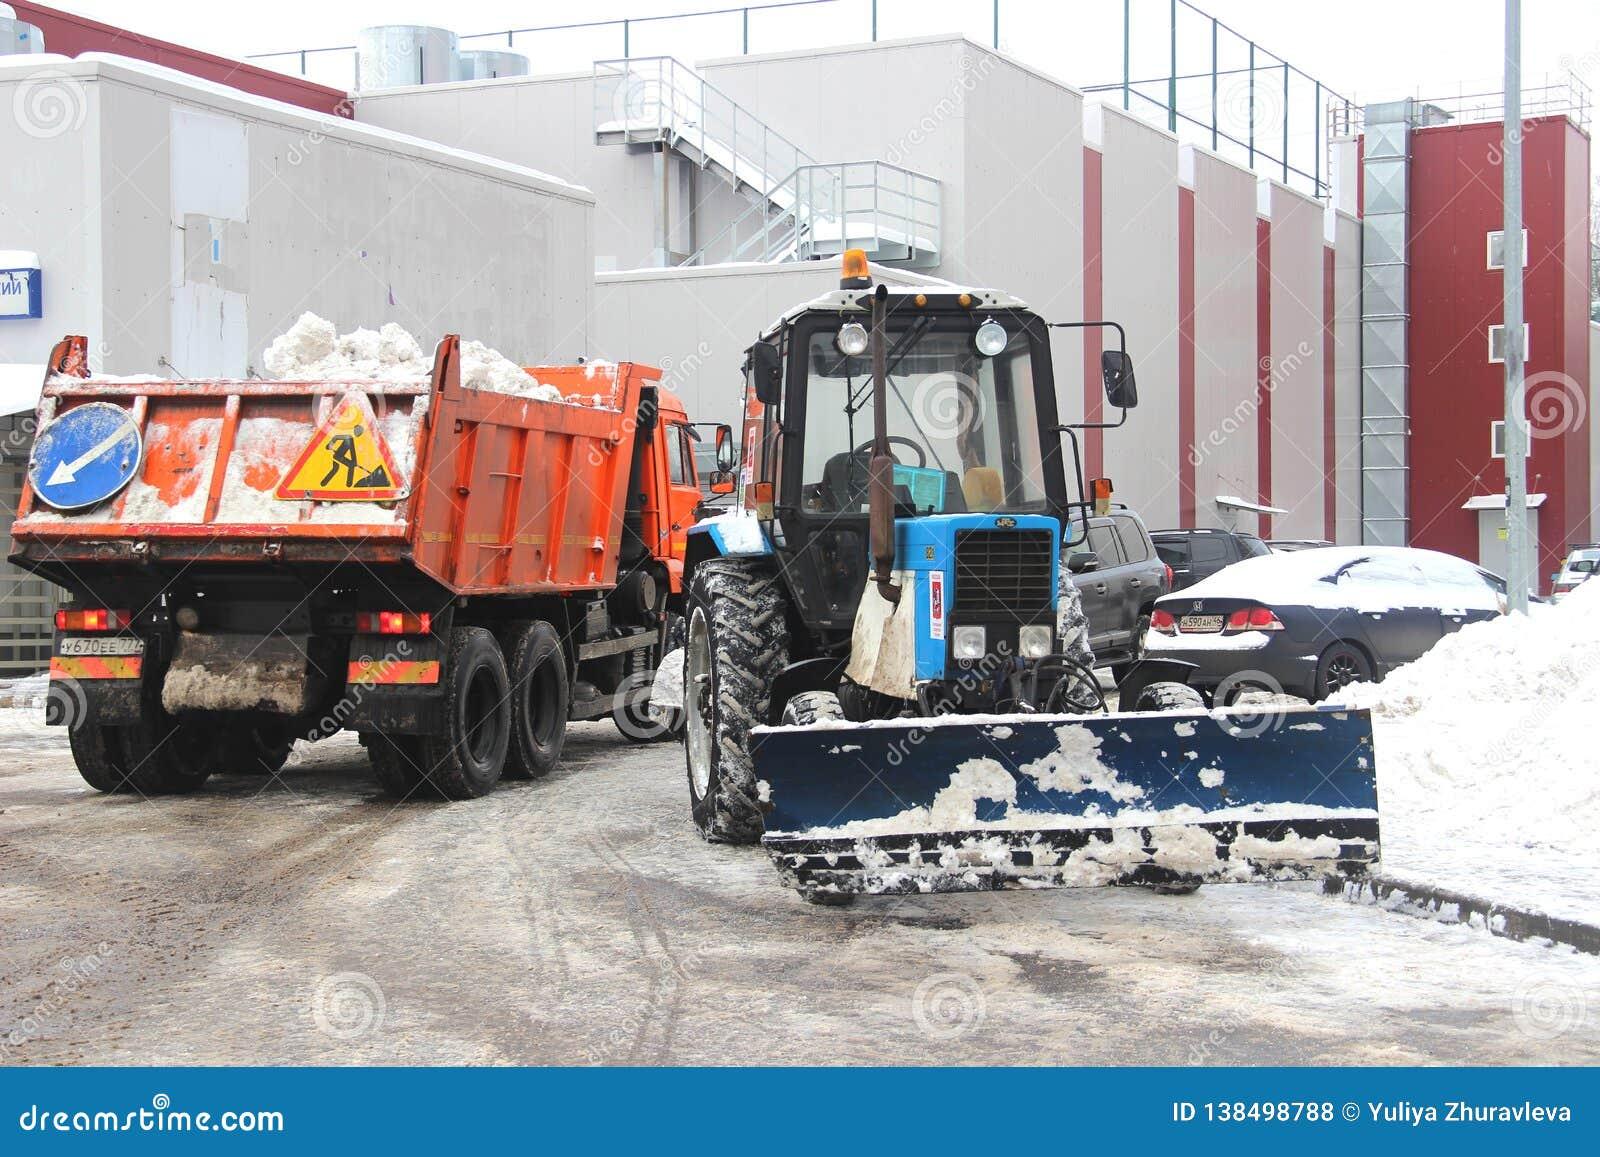 Les services de ville équipement spécial de déblaiement de neige après des chutes de neige utilités urbaines Le tracteur charge l